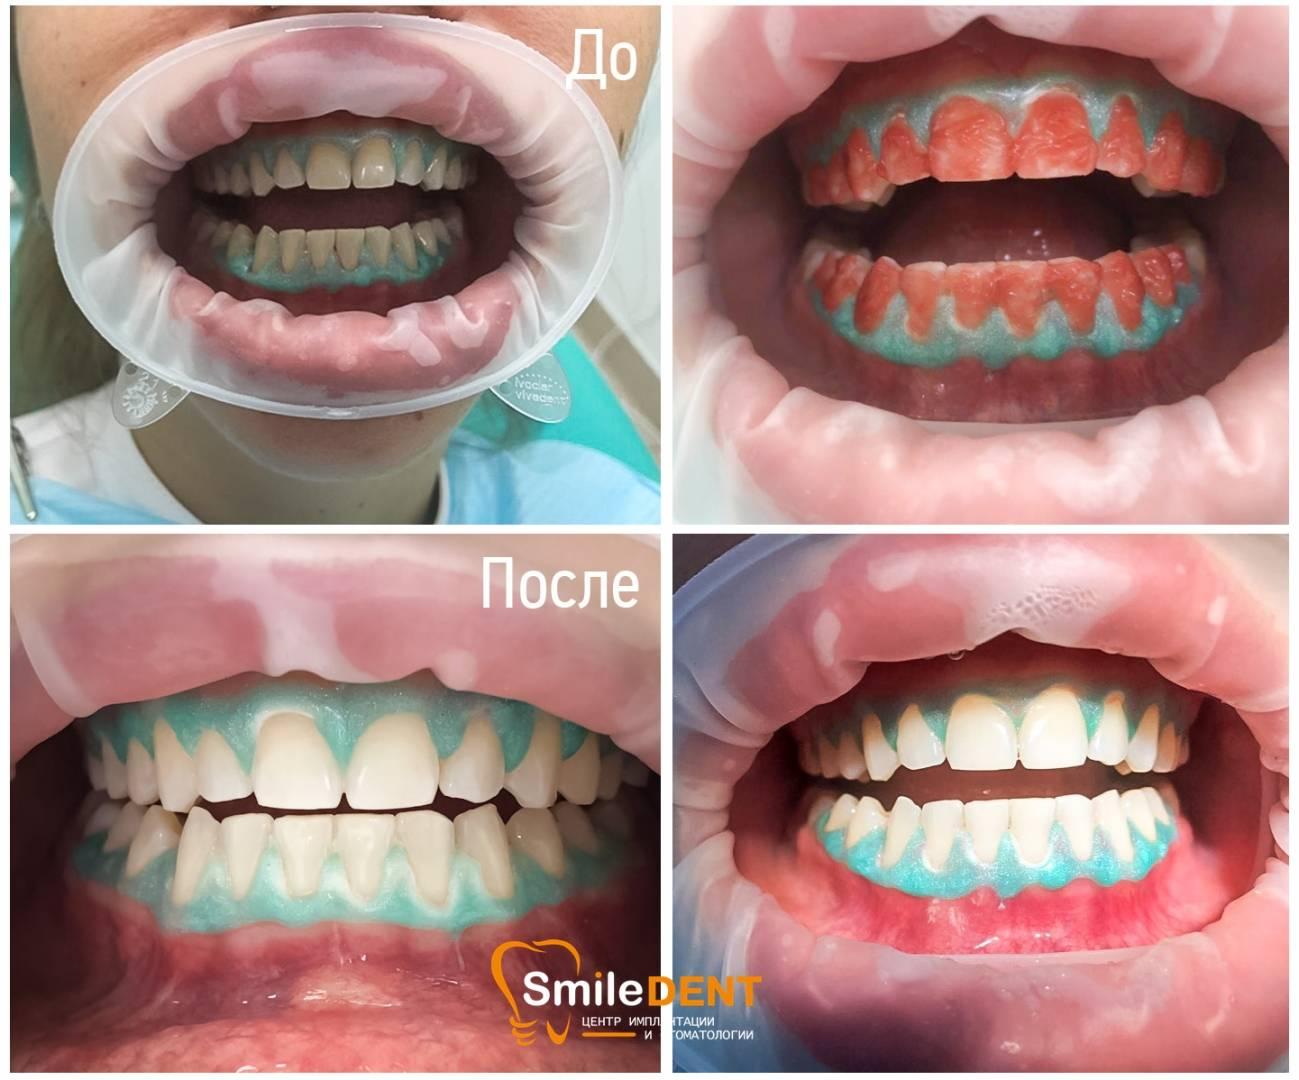 Способы отбеливания зубов с помощью системы opalescence буст — инструкция для проведения домашних процедур